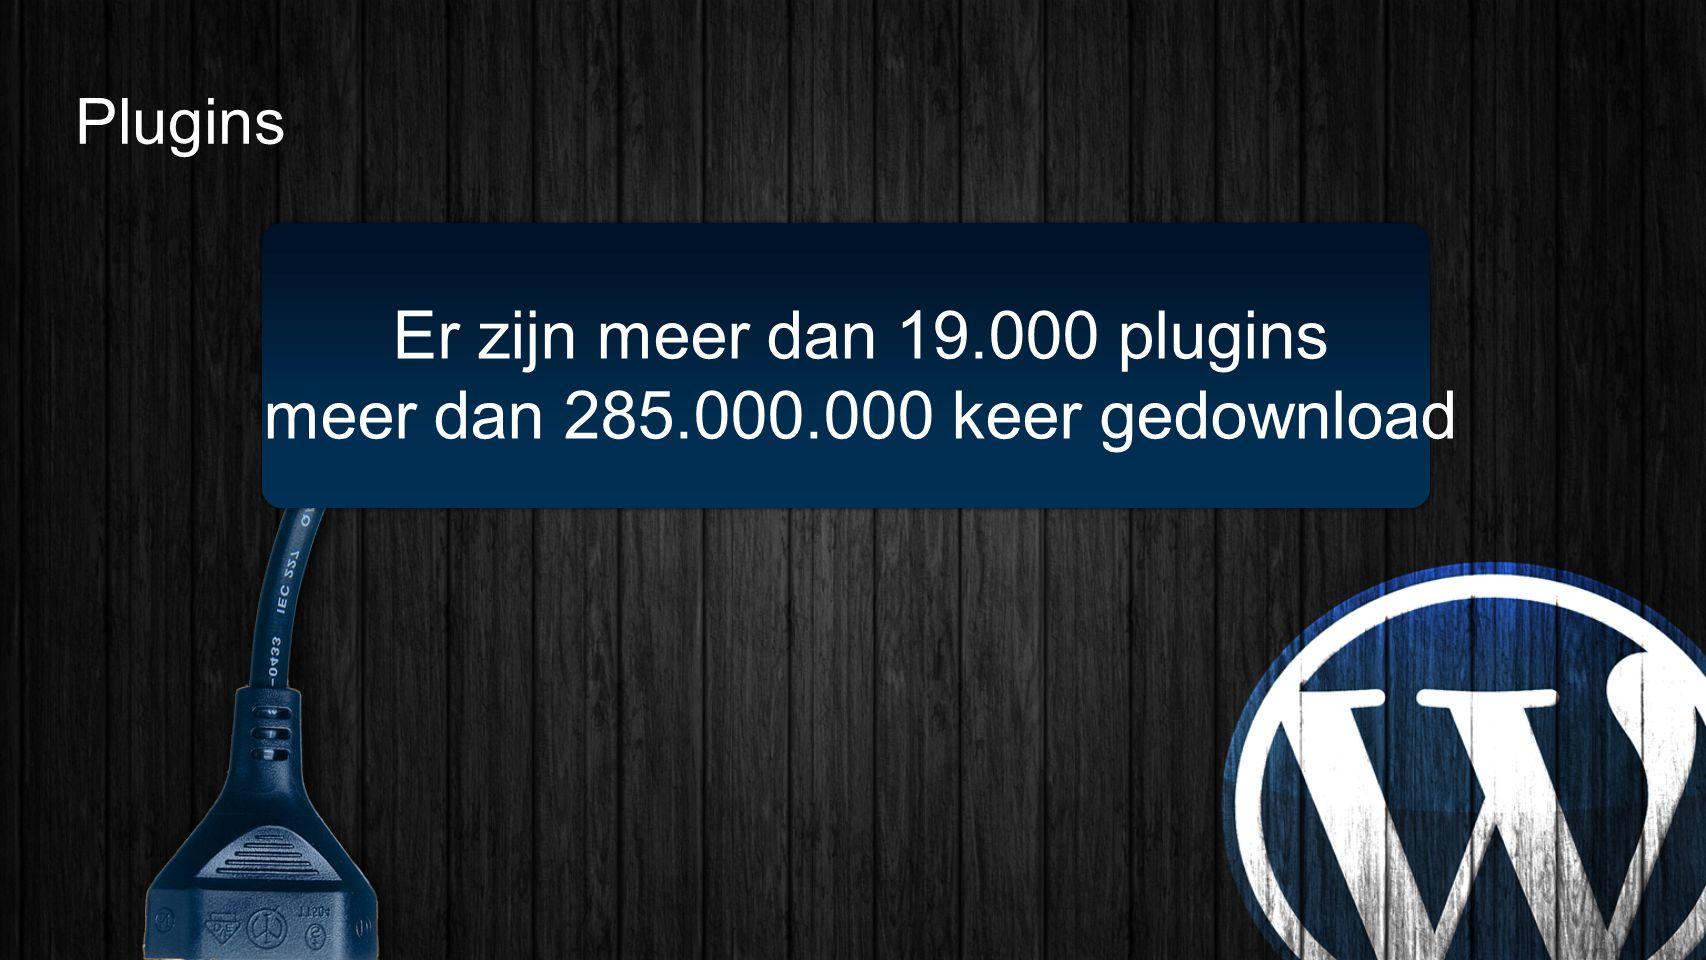 Er zijn meer dan 19.000 plugins meer dan 285.000.000 keer gedownload